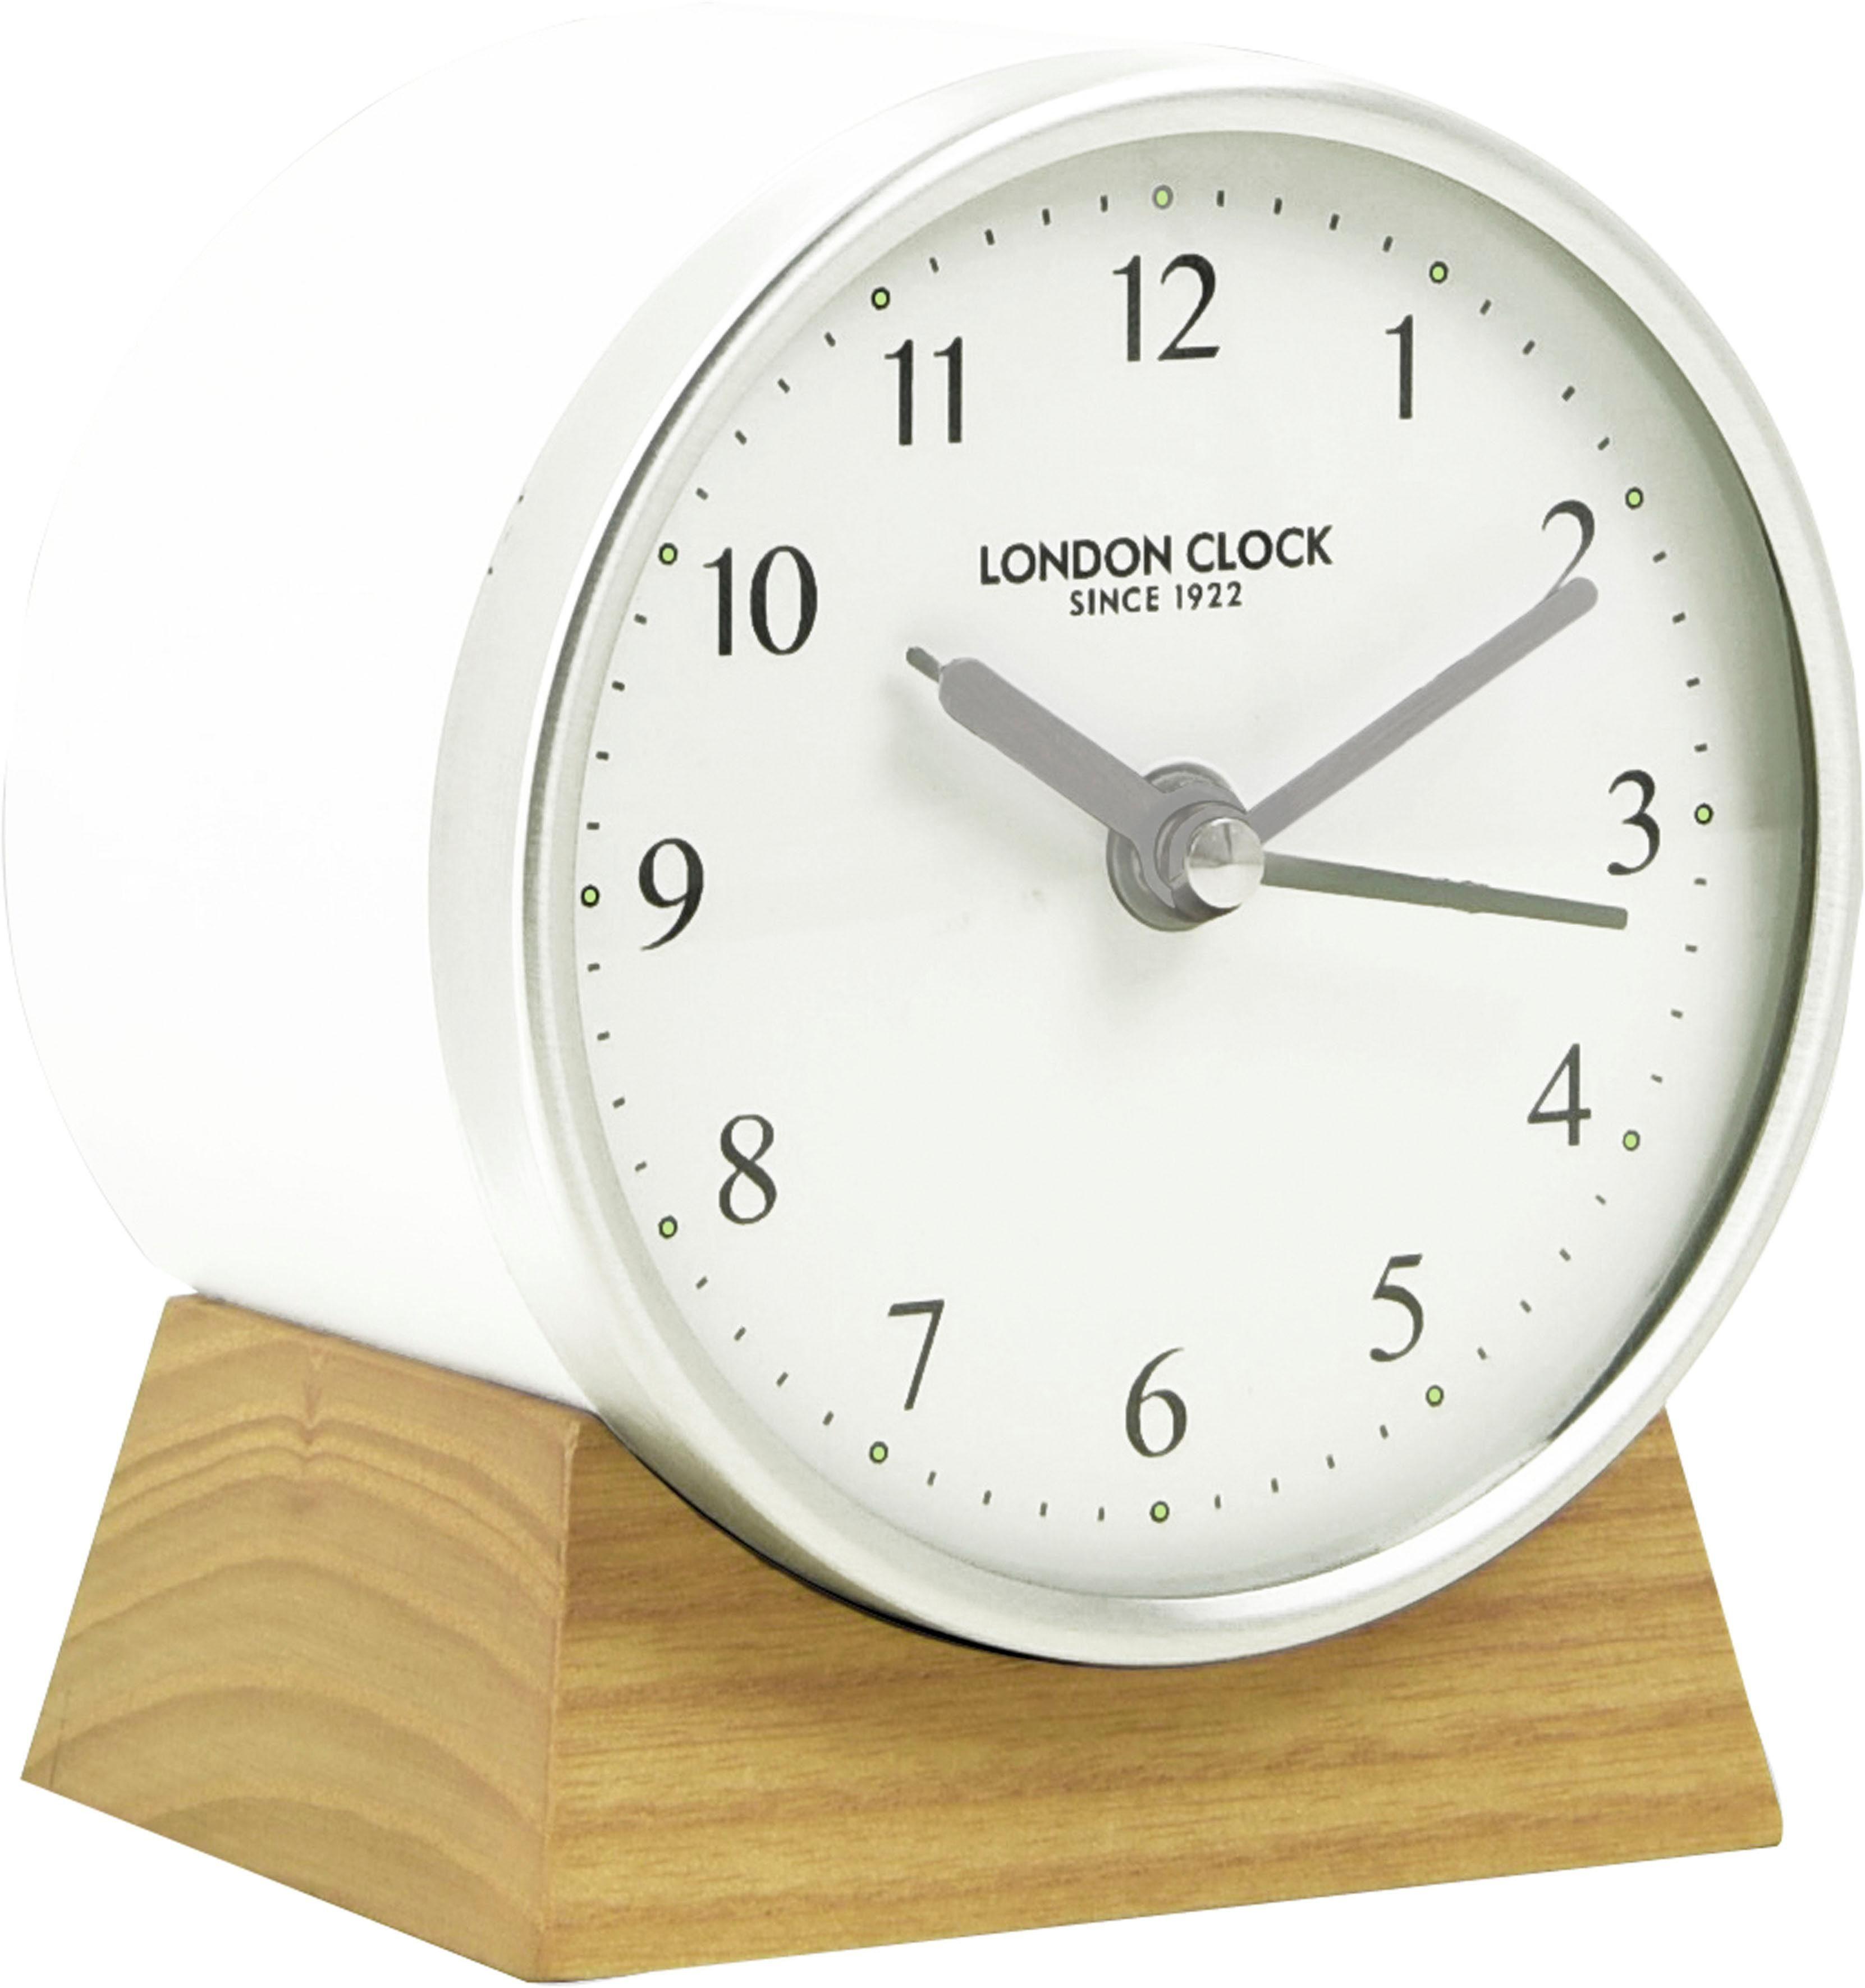 INOSIGN Tischuhr ?London Clock 1922? aus Massivholz, Weckfunktion